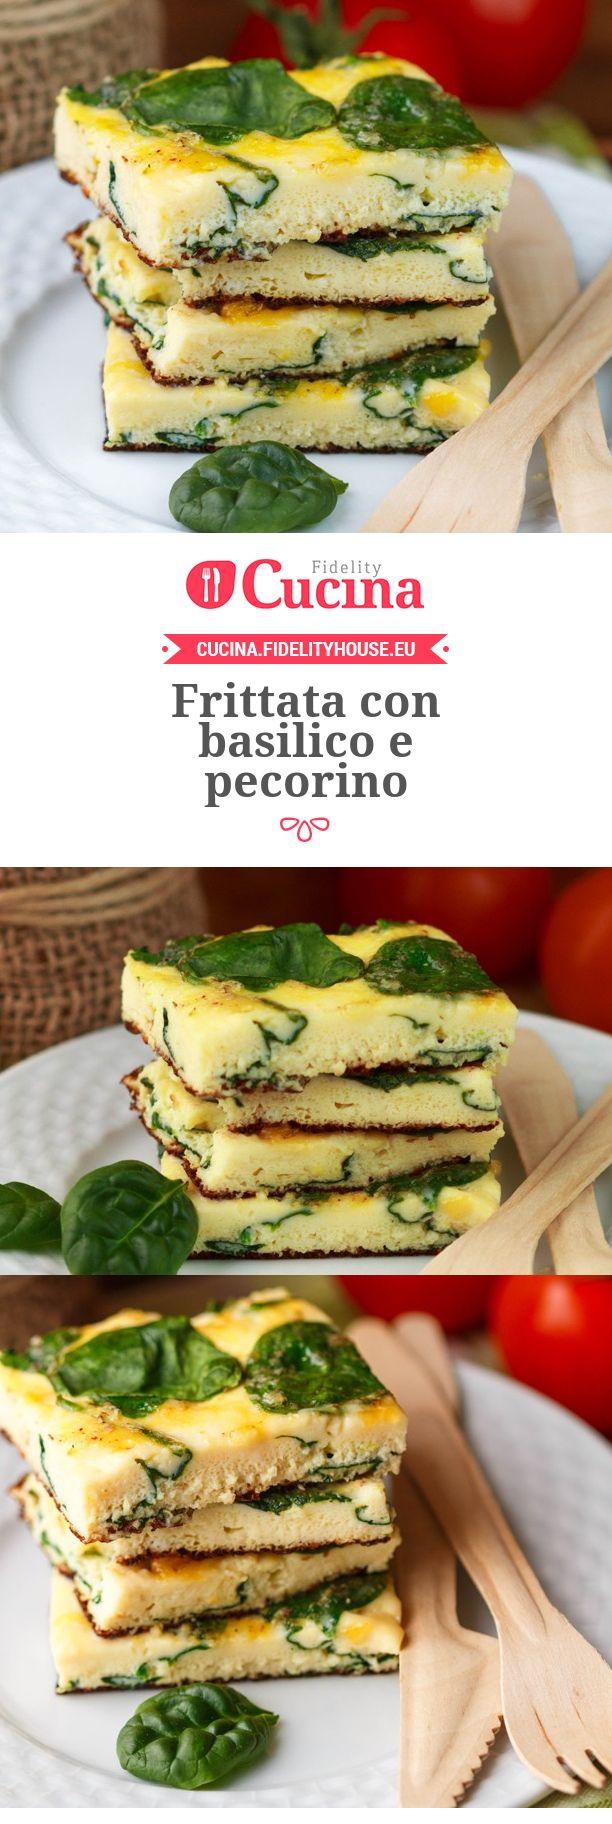 Frittata con basilico e pecorino